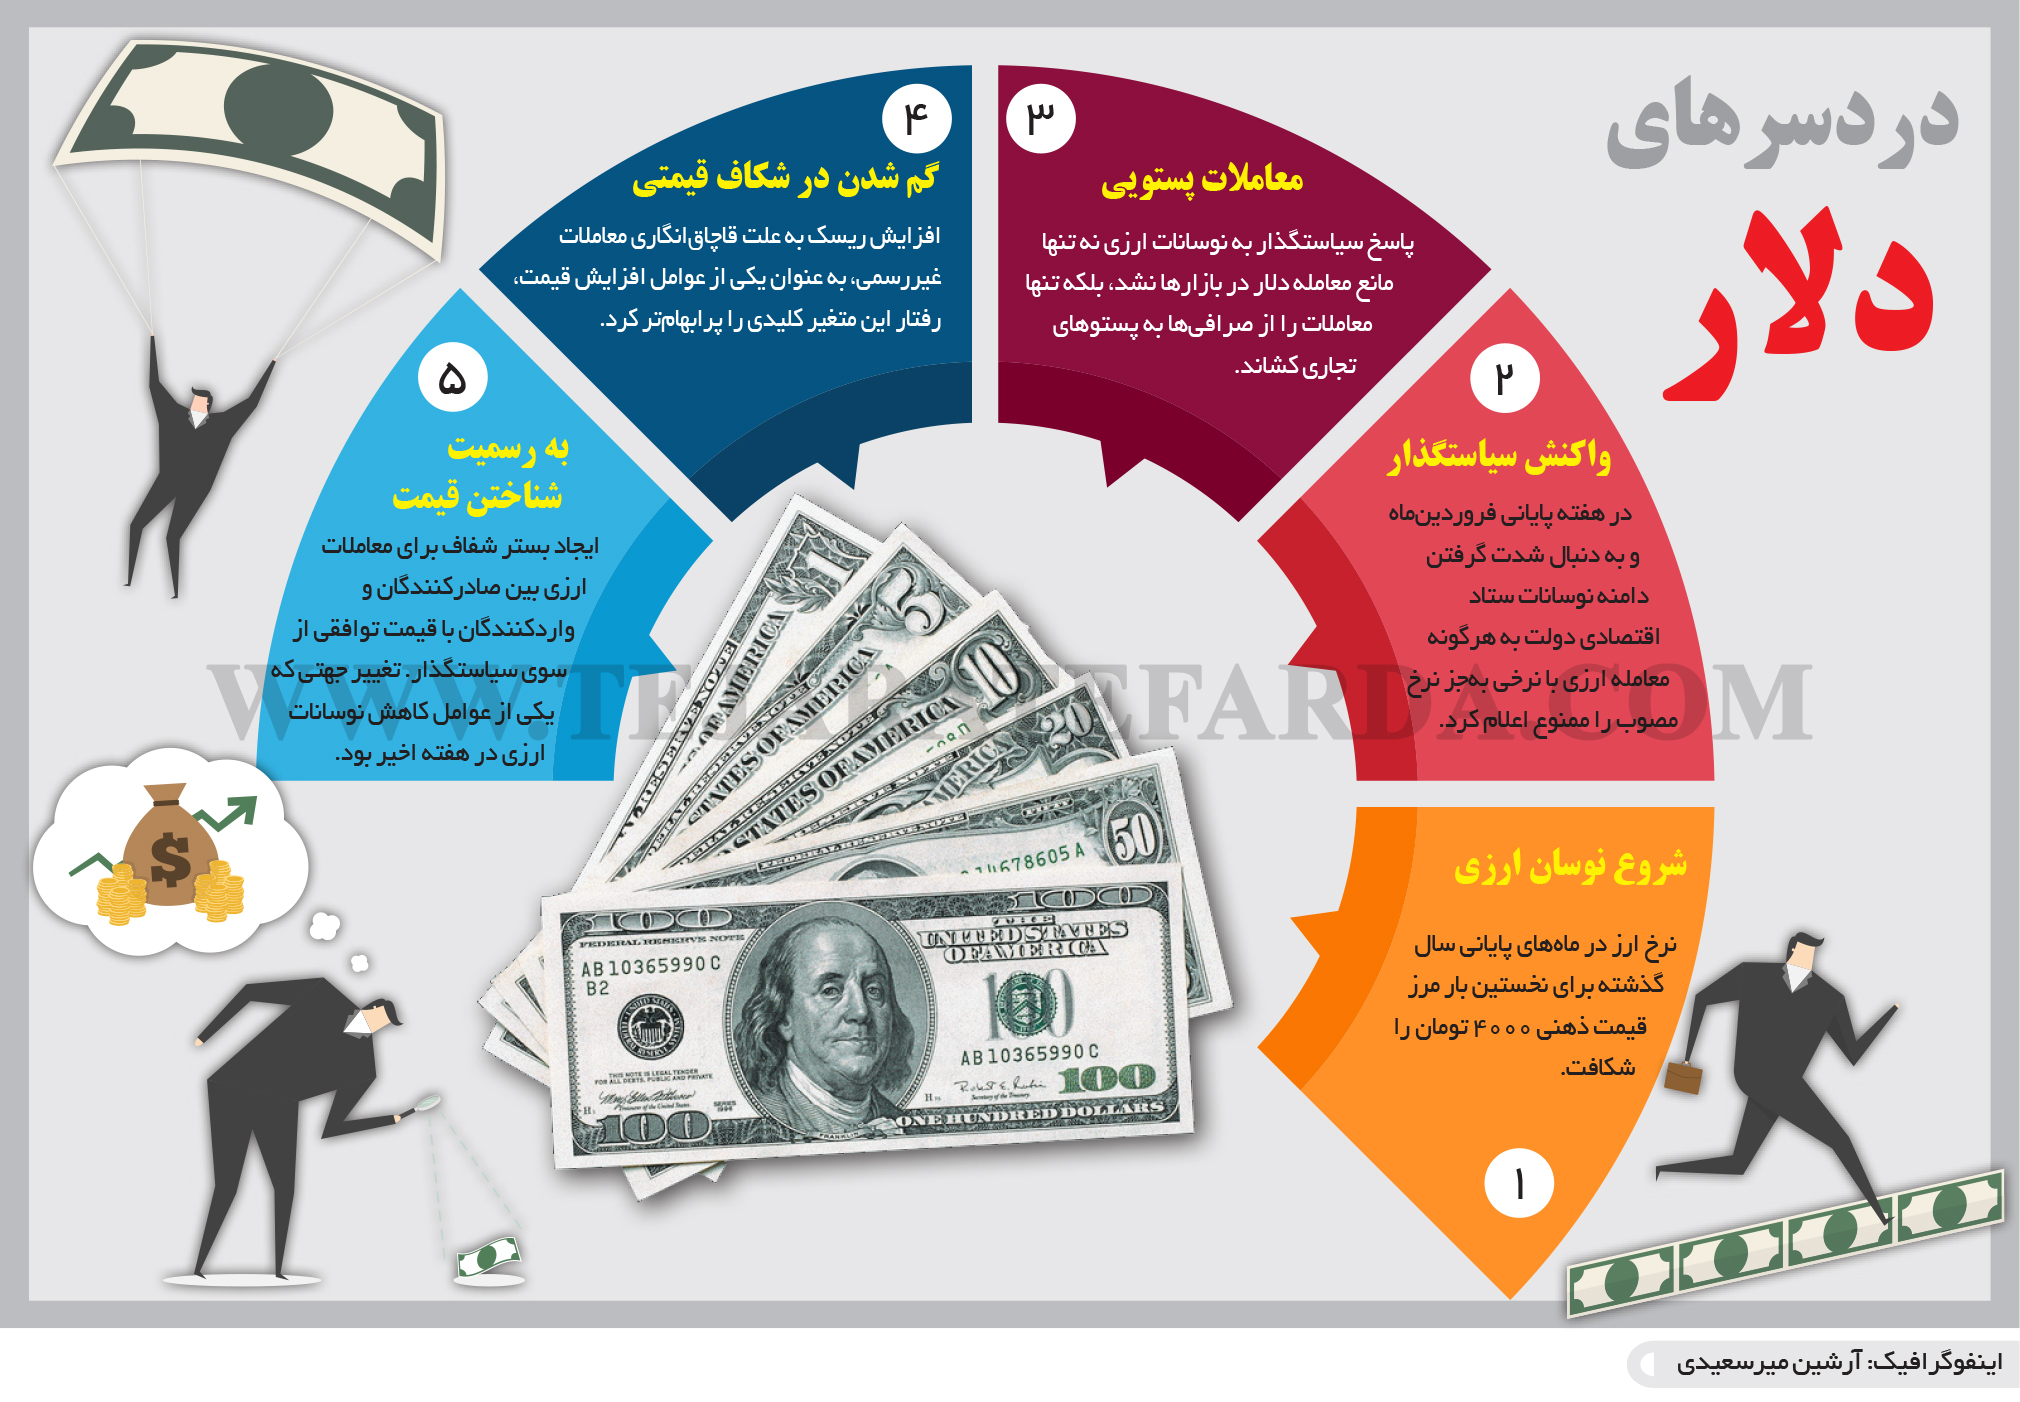 تجارت- فردا- دردسرهای دلار(اینفوگرافیک)